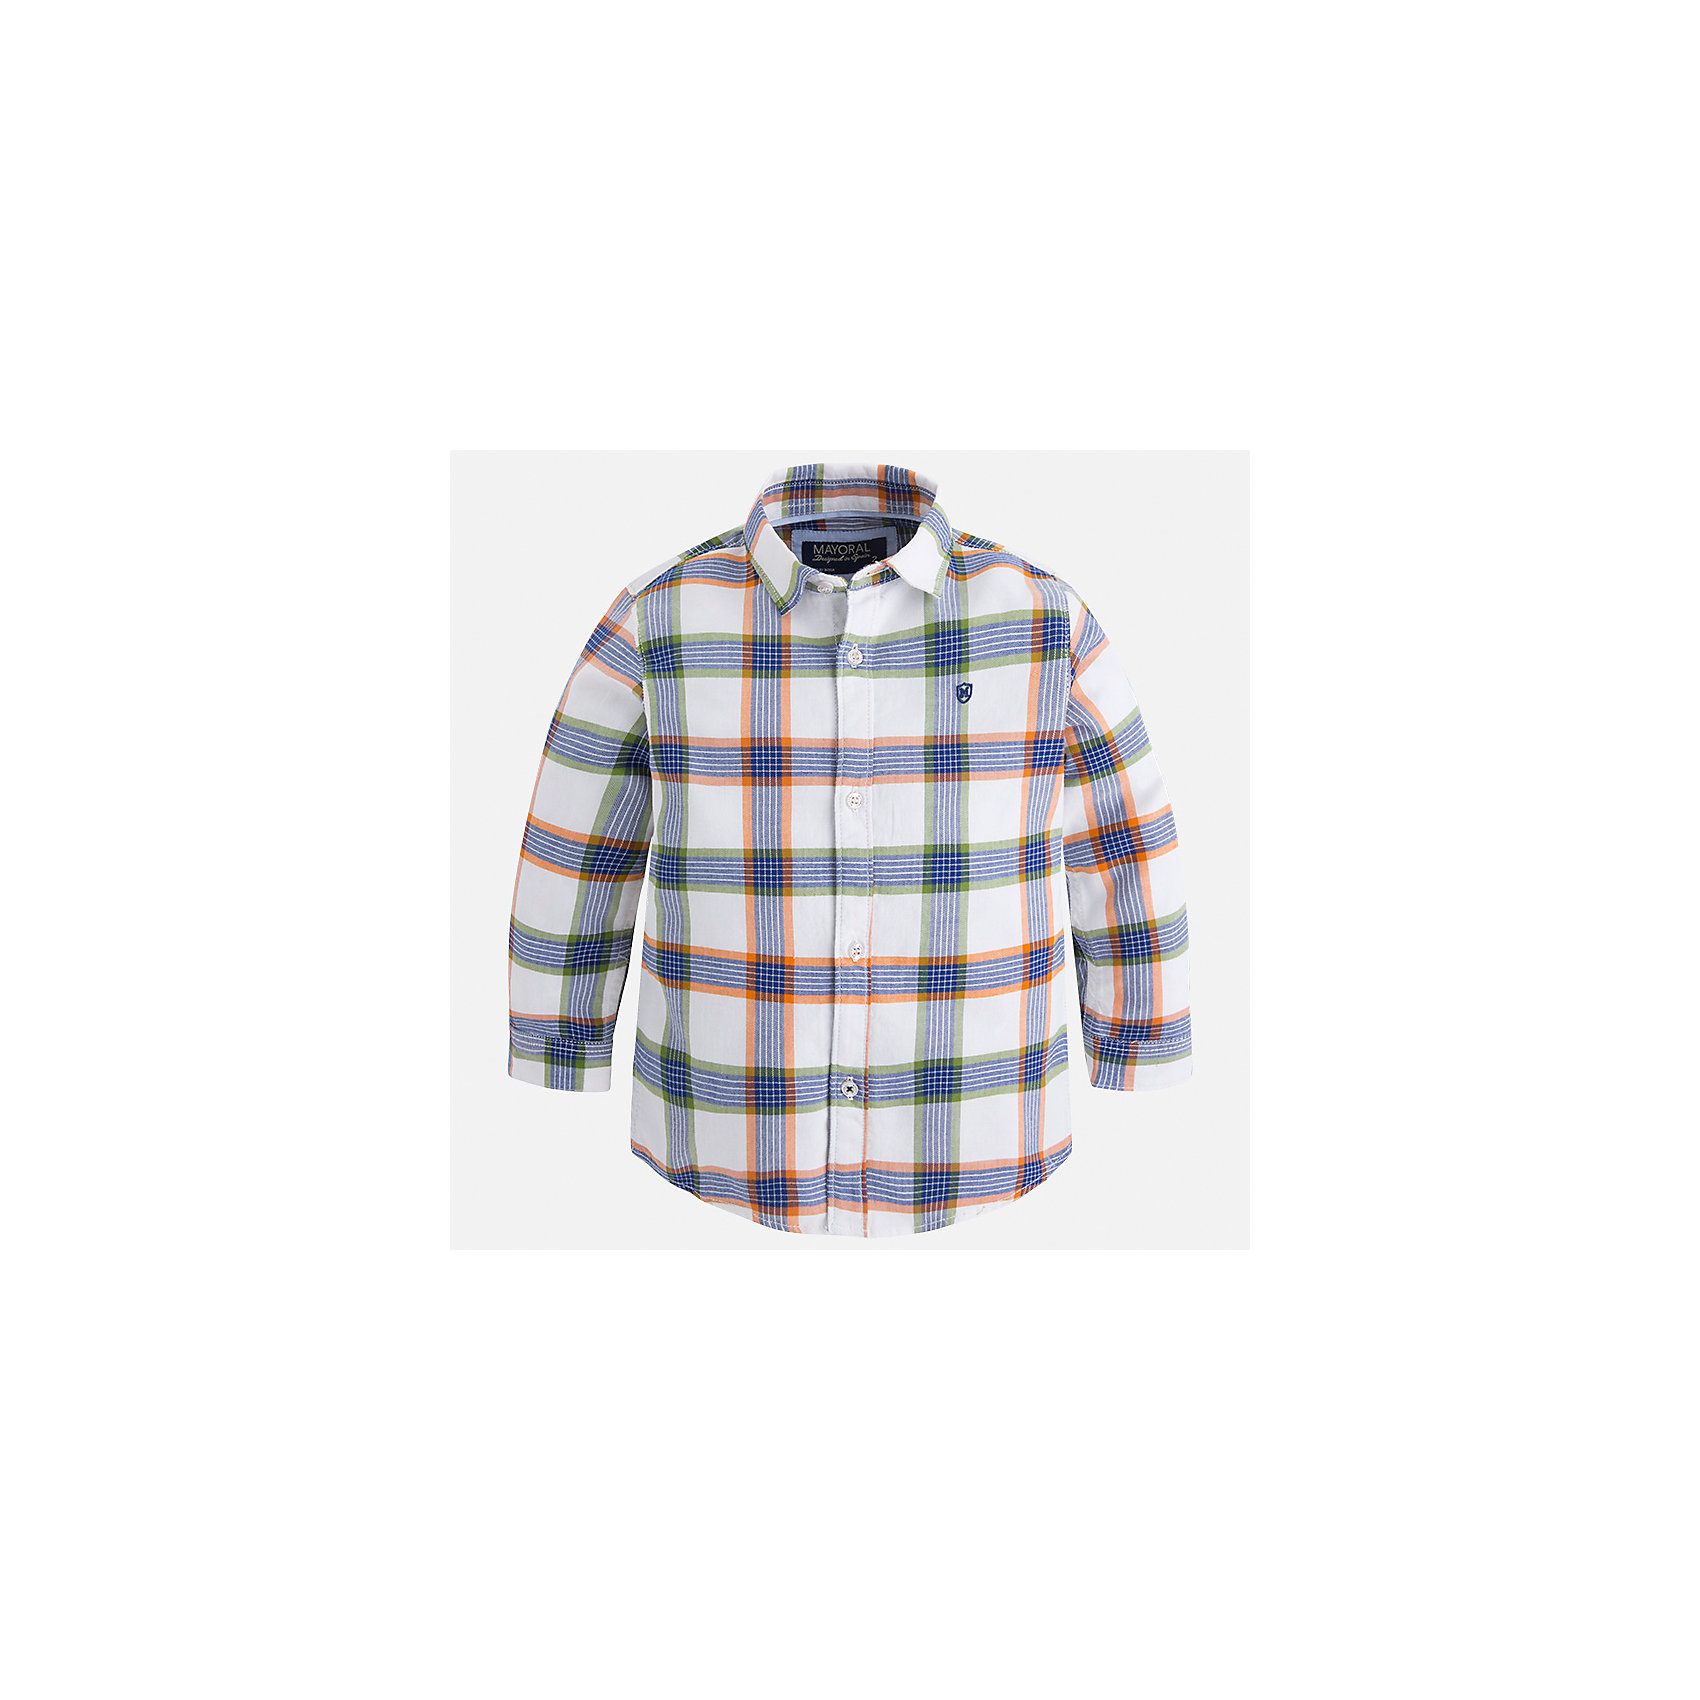 Рубашка Mayoral для мальчикаБлузки и рубашки<br>Характеристики товара:<br><br>• цвет: синий<br>• состав ткани: 100% хлопок<br>• сезон: демисезон<br>• особенности модели: школьная<br>• застежка: пуговицы<br>• длинные рукава<br>• страна бренда: Испания<br>• страна изготовитель: Индия<br><br>Стильная клетчатая рубашка с длинным рукавом для мальчика Mayoral удобно сидит по фигуре. Стильная детская рубашка сделана из натуральной хлопковой ткани. Отличный способ обеспечить ребенку комфорт и аккуратный внешний вид - надеть детскую рубашку от Mayoral. Детская рубашка с длинным рукавом сшита из приятного на ощупь материала. <br><br>Рубашку для мальчика Mayoral (Майорал) можно купить в нашем интернет-магазине.<br><br>Ширина мм: 174<br>Глубина мм: 10<br>Высота мм: 169<br>Вес г: 157<br>Цвет: синий<br>Возраст от месяцев: 24<br>Возраст до месяцев: 36<br>Пол: Мужской<br>Возраст: Детский<br>Размер: 98,104,110,116,122,128,134,92<br>SKU: 6934084